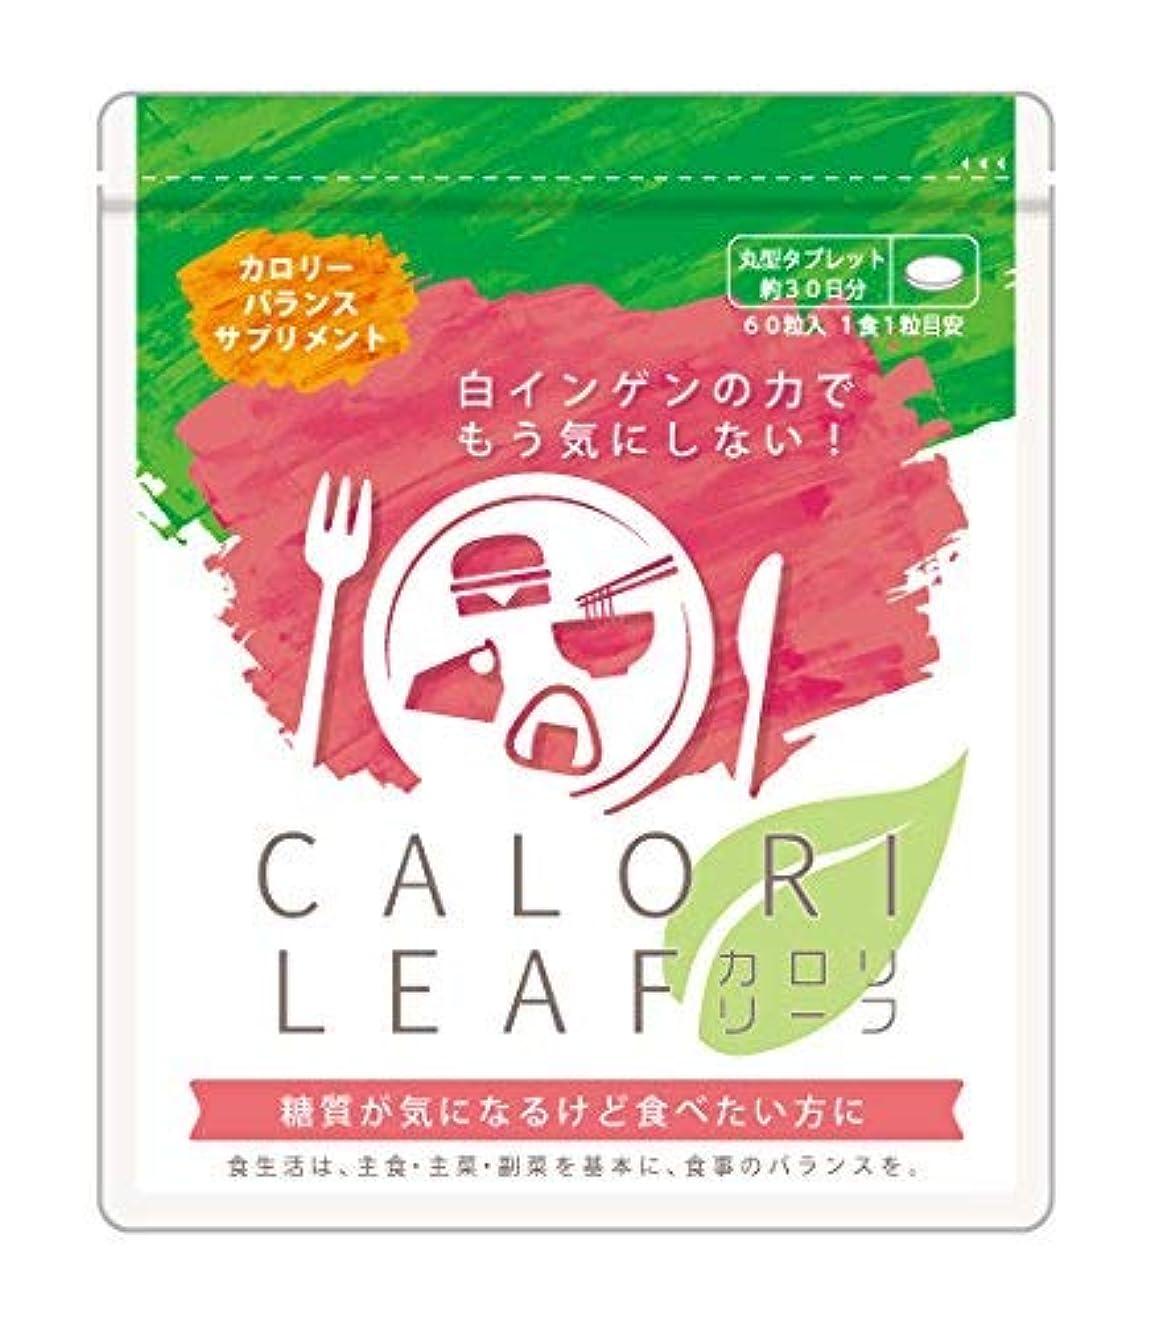 頭いわゆる研究所【5袋セット】カロリリーフ 60粒入り (30日分)